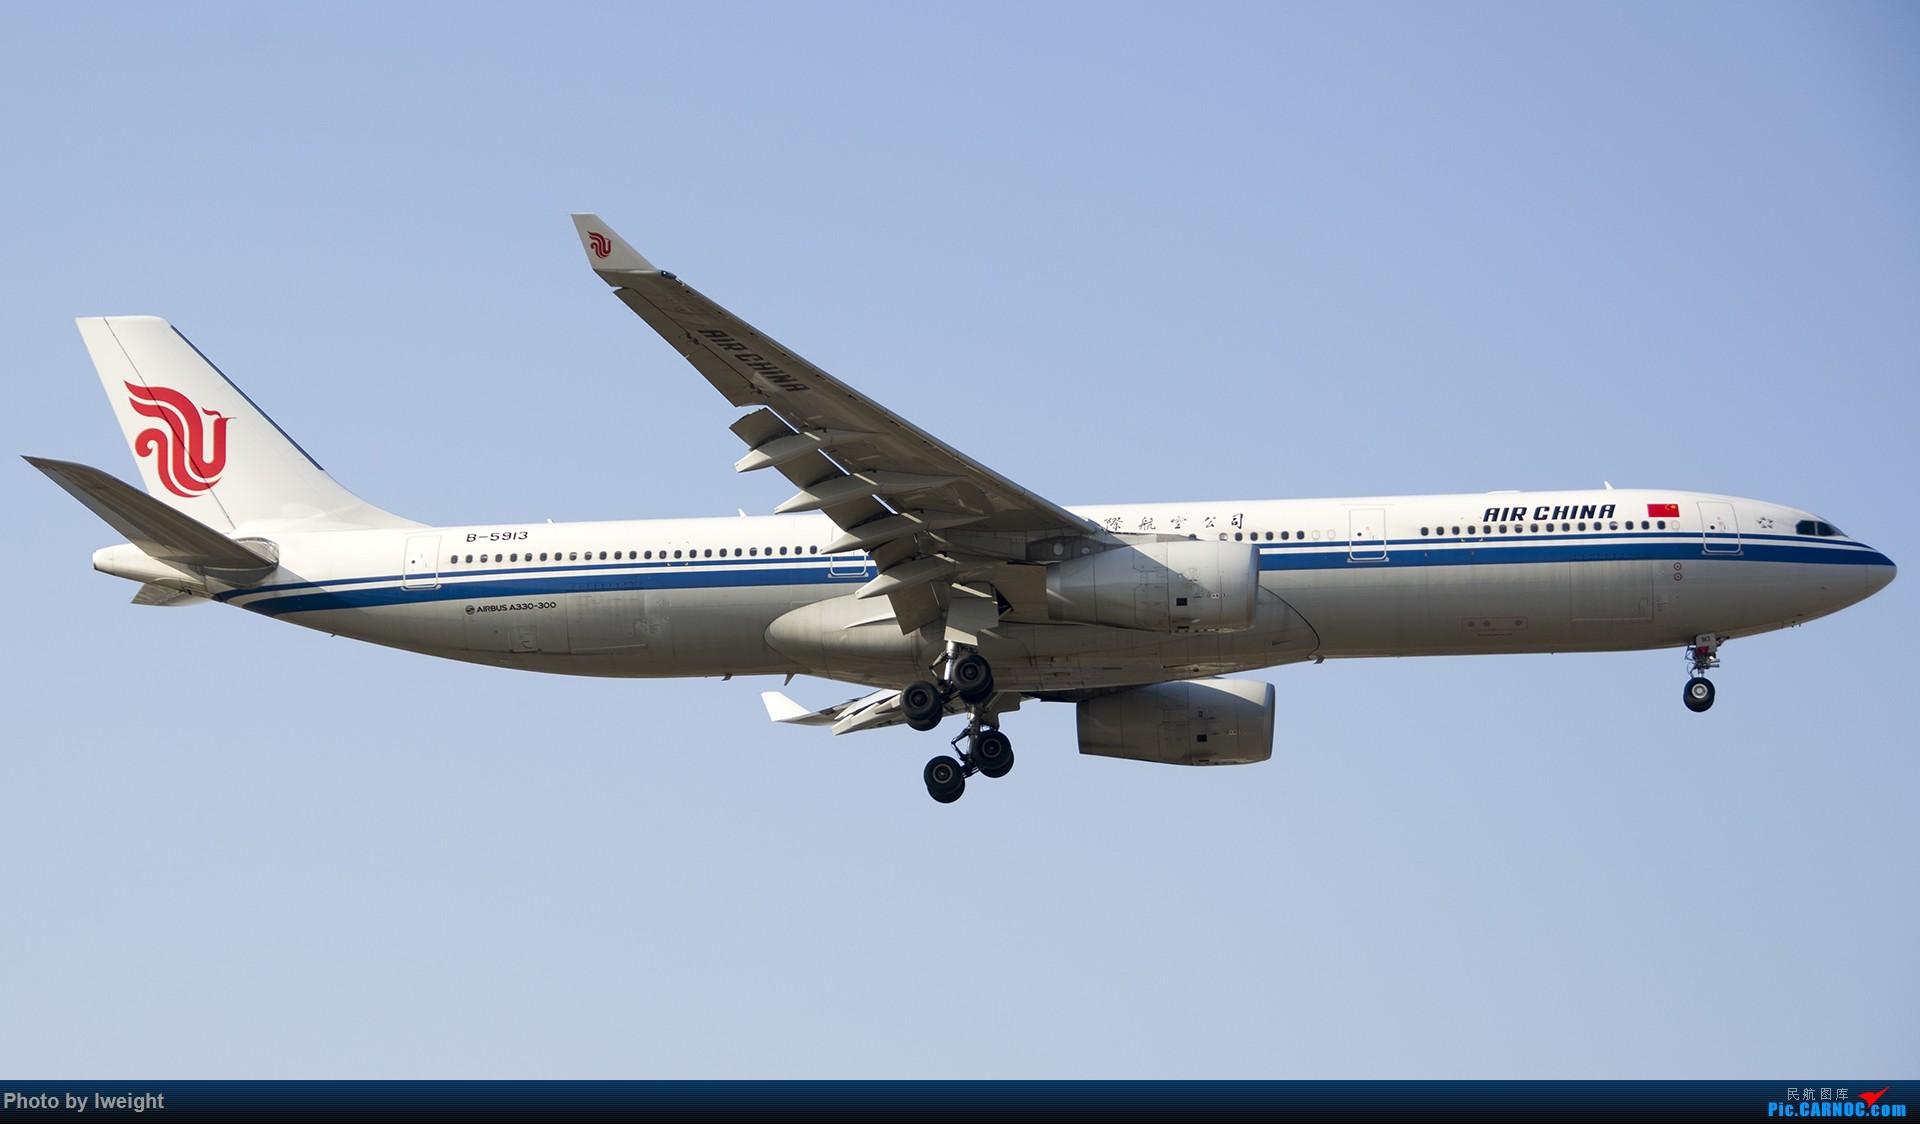 Re:[原创]2014-12-02 ZBAA随拍 AIRBUS A330-300 B-5913 中国北京首都国际机场